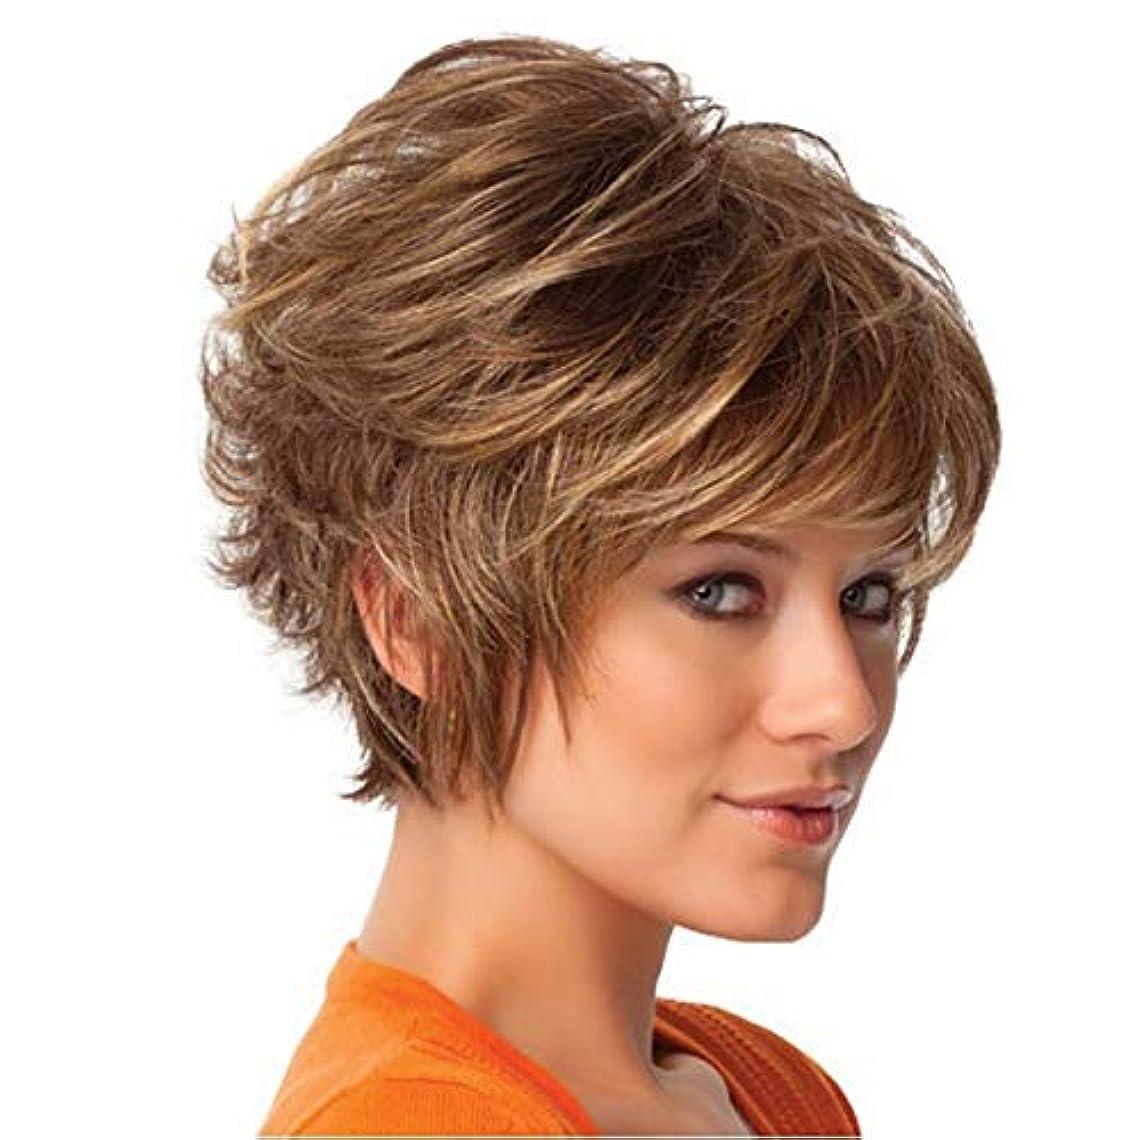 下向きドロー終了するWASAIO 女性のファッション金髪ショートカーリーヘアーボブスタイル28cm (色 : Blonde)